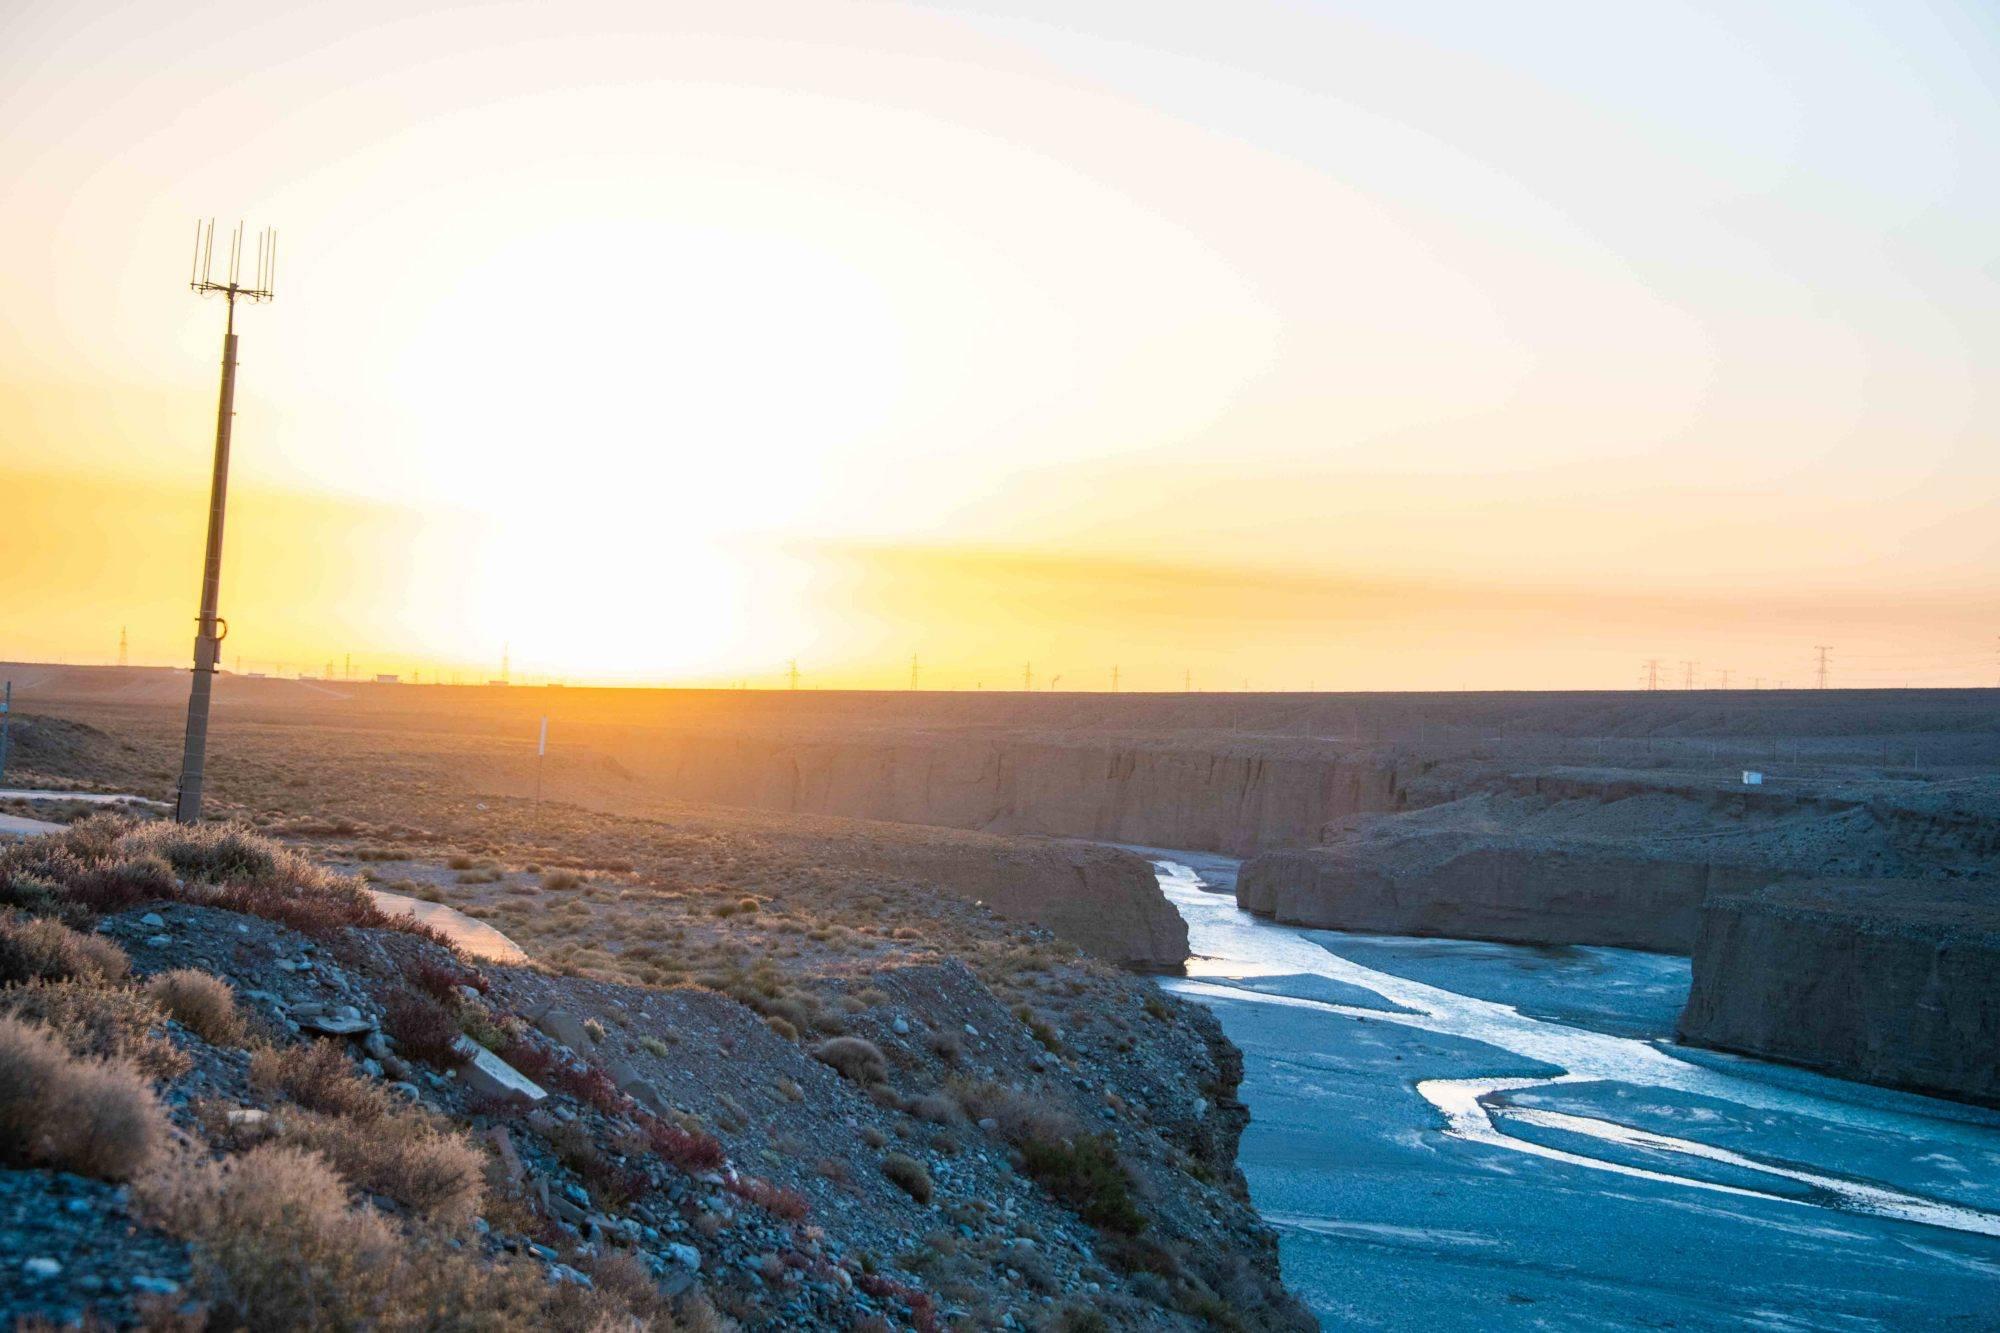 西北戈壁上超值得的峡谷,曾是嘉峪关最大水源地,峻险的风景超美